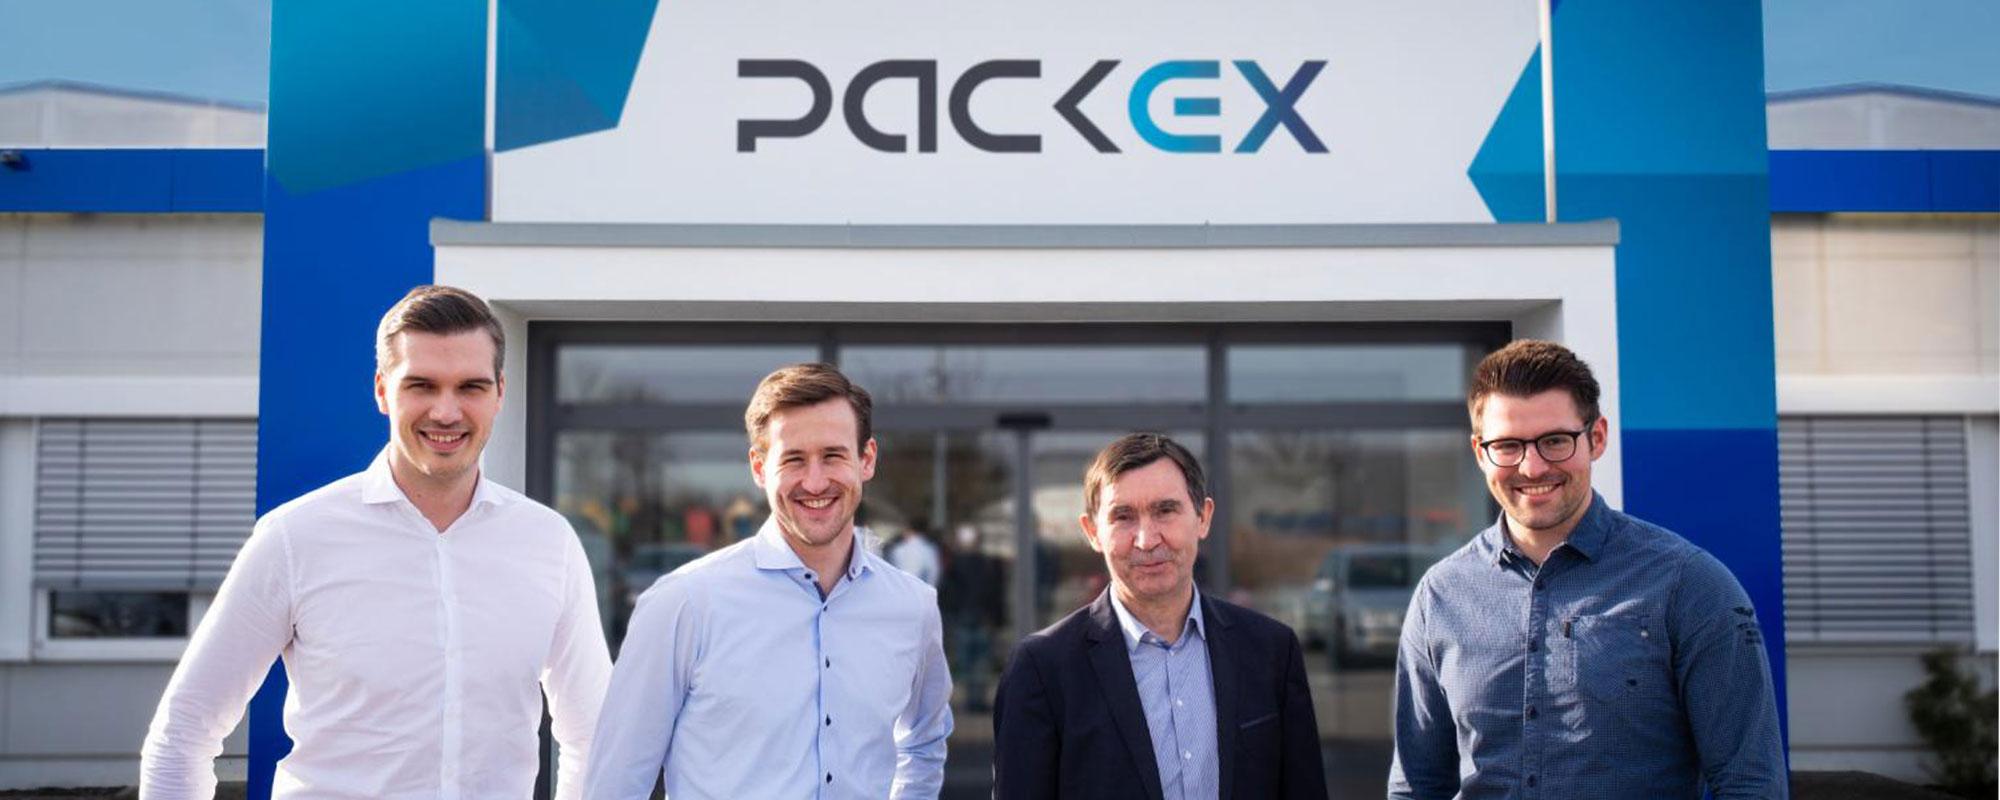 Zu sehen ist das Management von PackEx (v.l. Marco Dembowski, Julian Erhard, Nikolaus Reichenbach, Arne Rogosch)